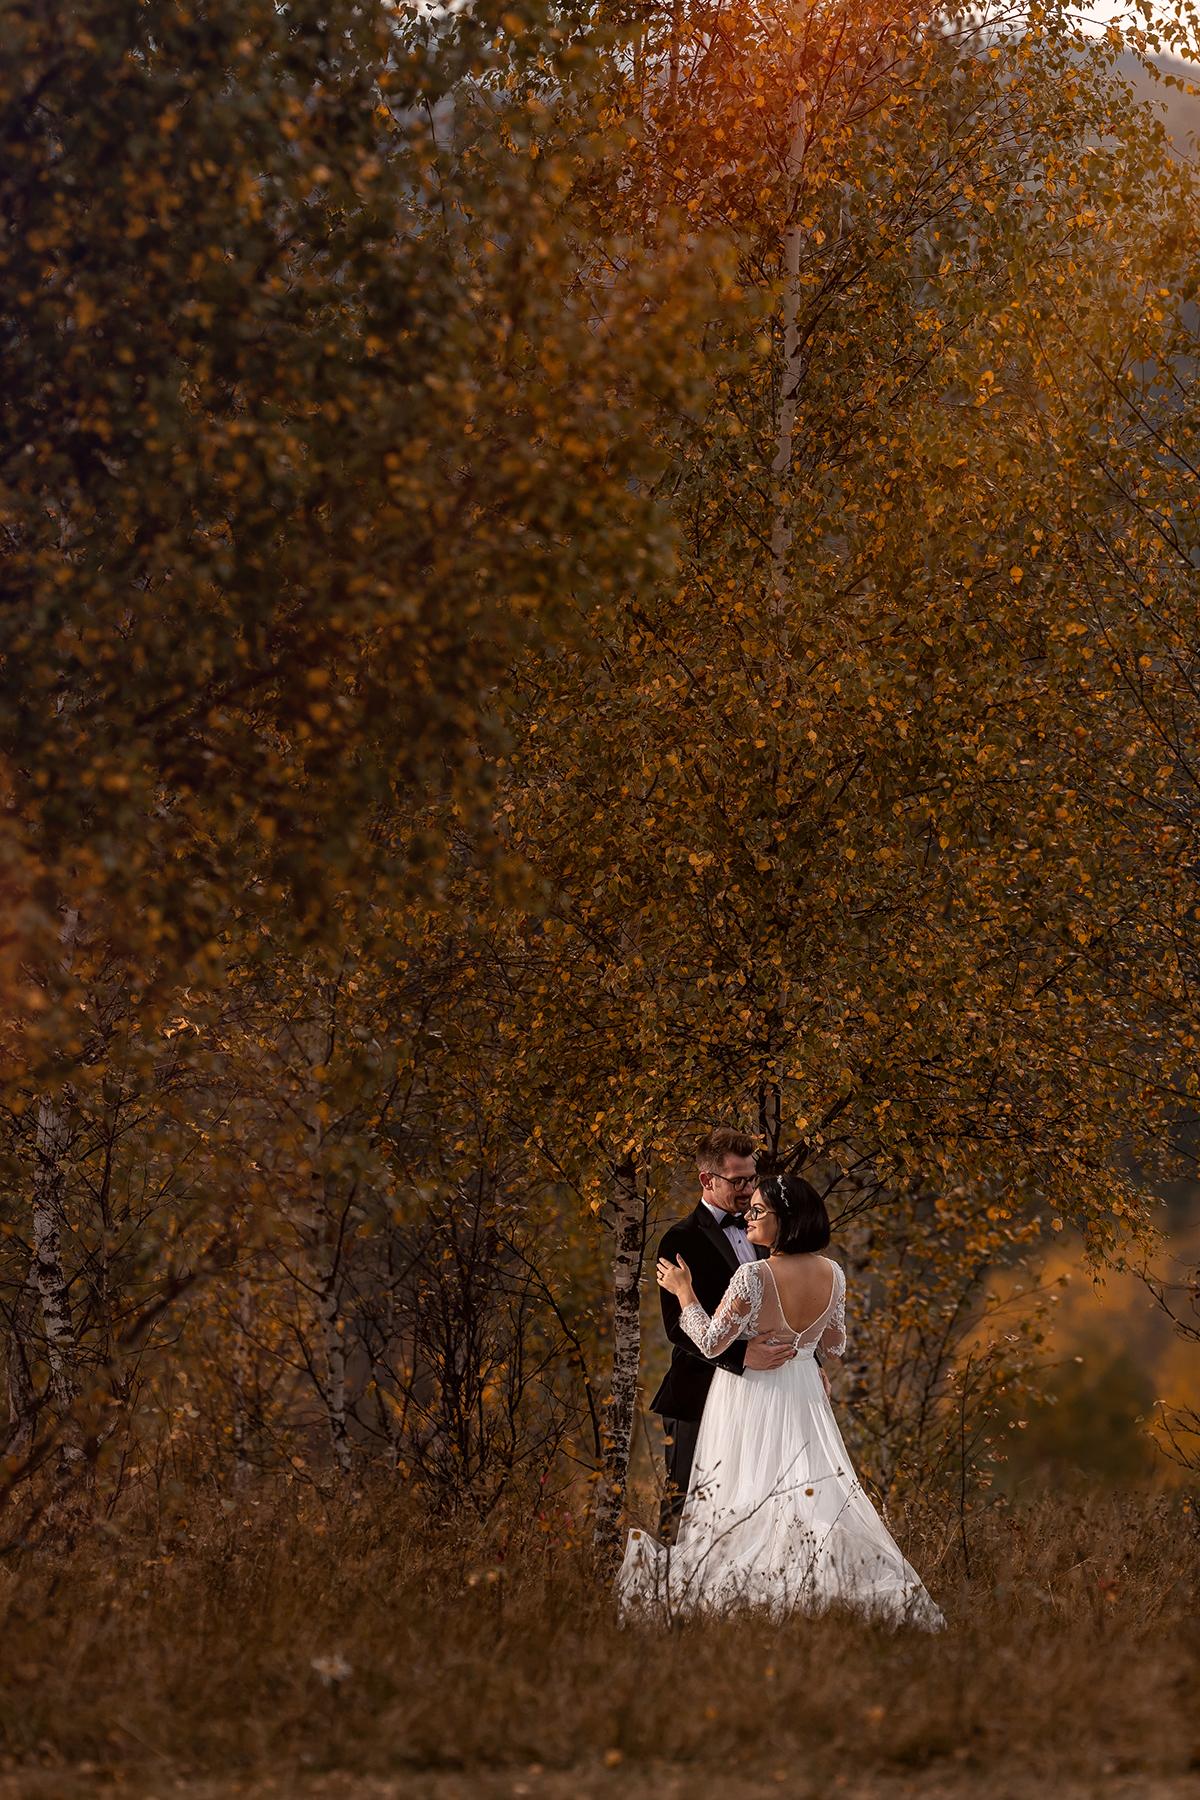 fotograf nunta 067 08